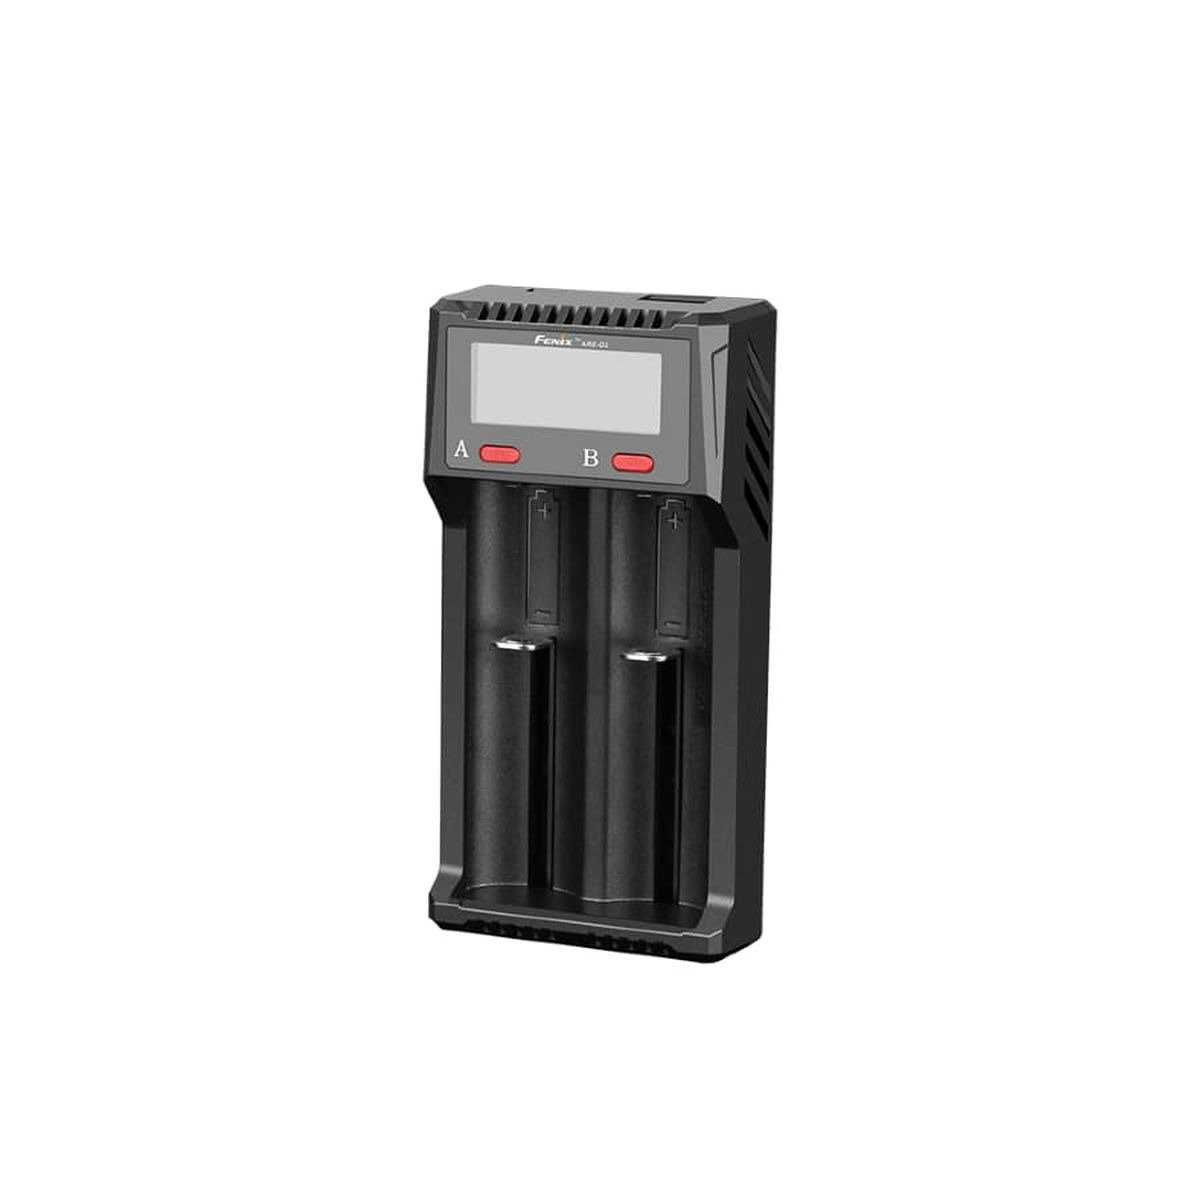 Зарядное устройство для аккумуляторов Fenix ARE-D2, черный